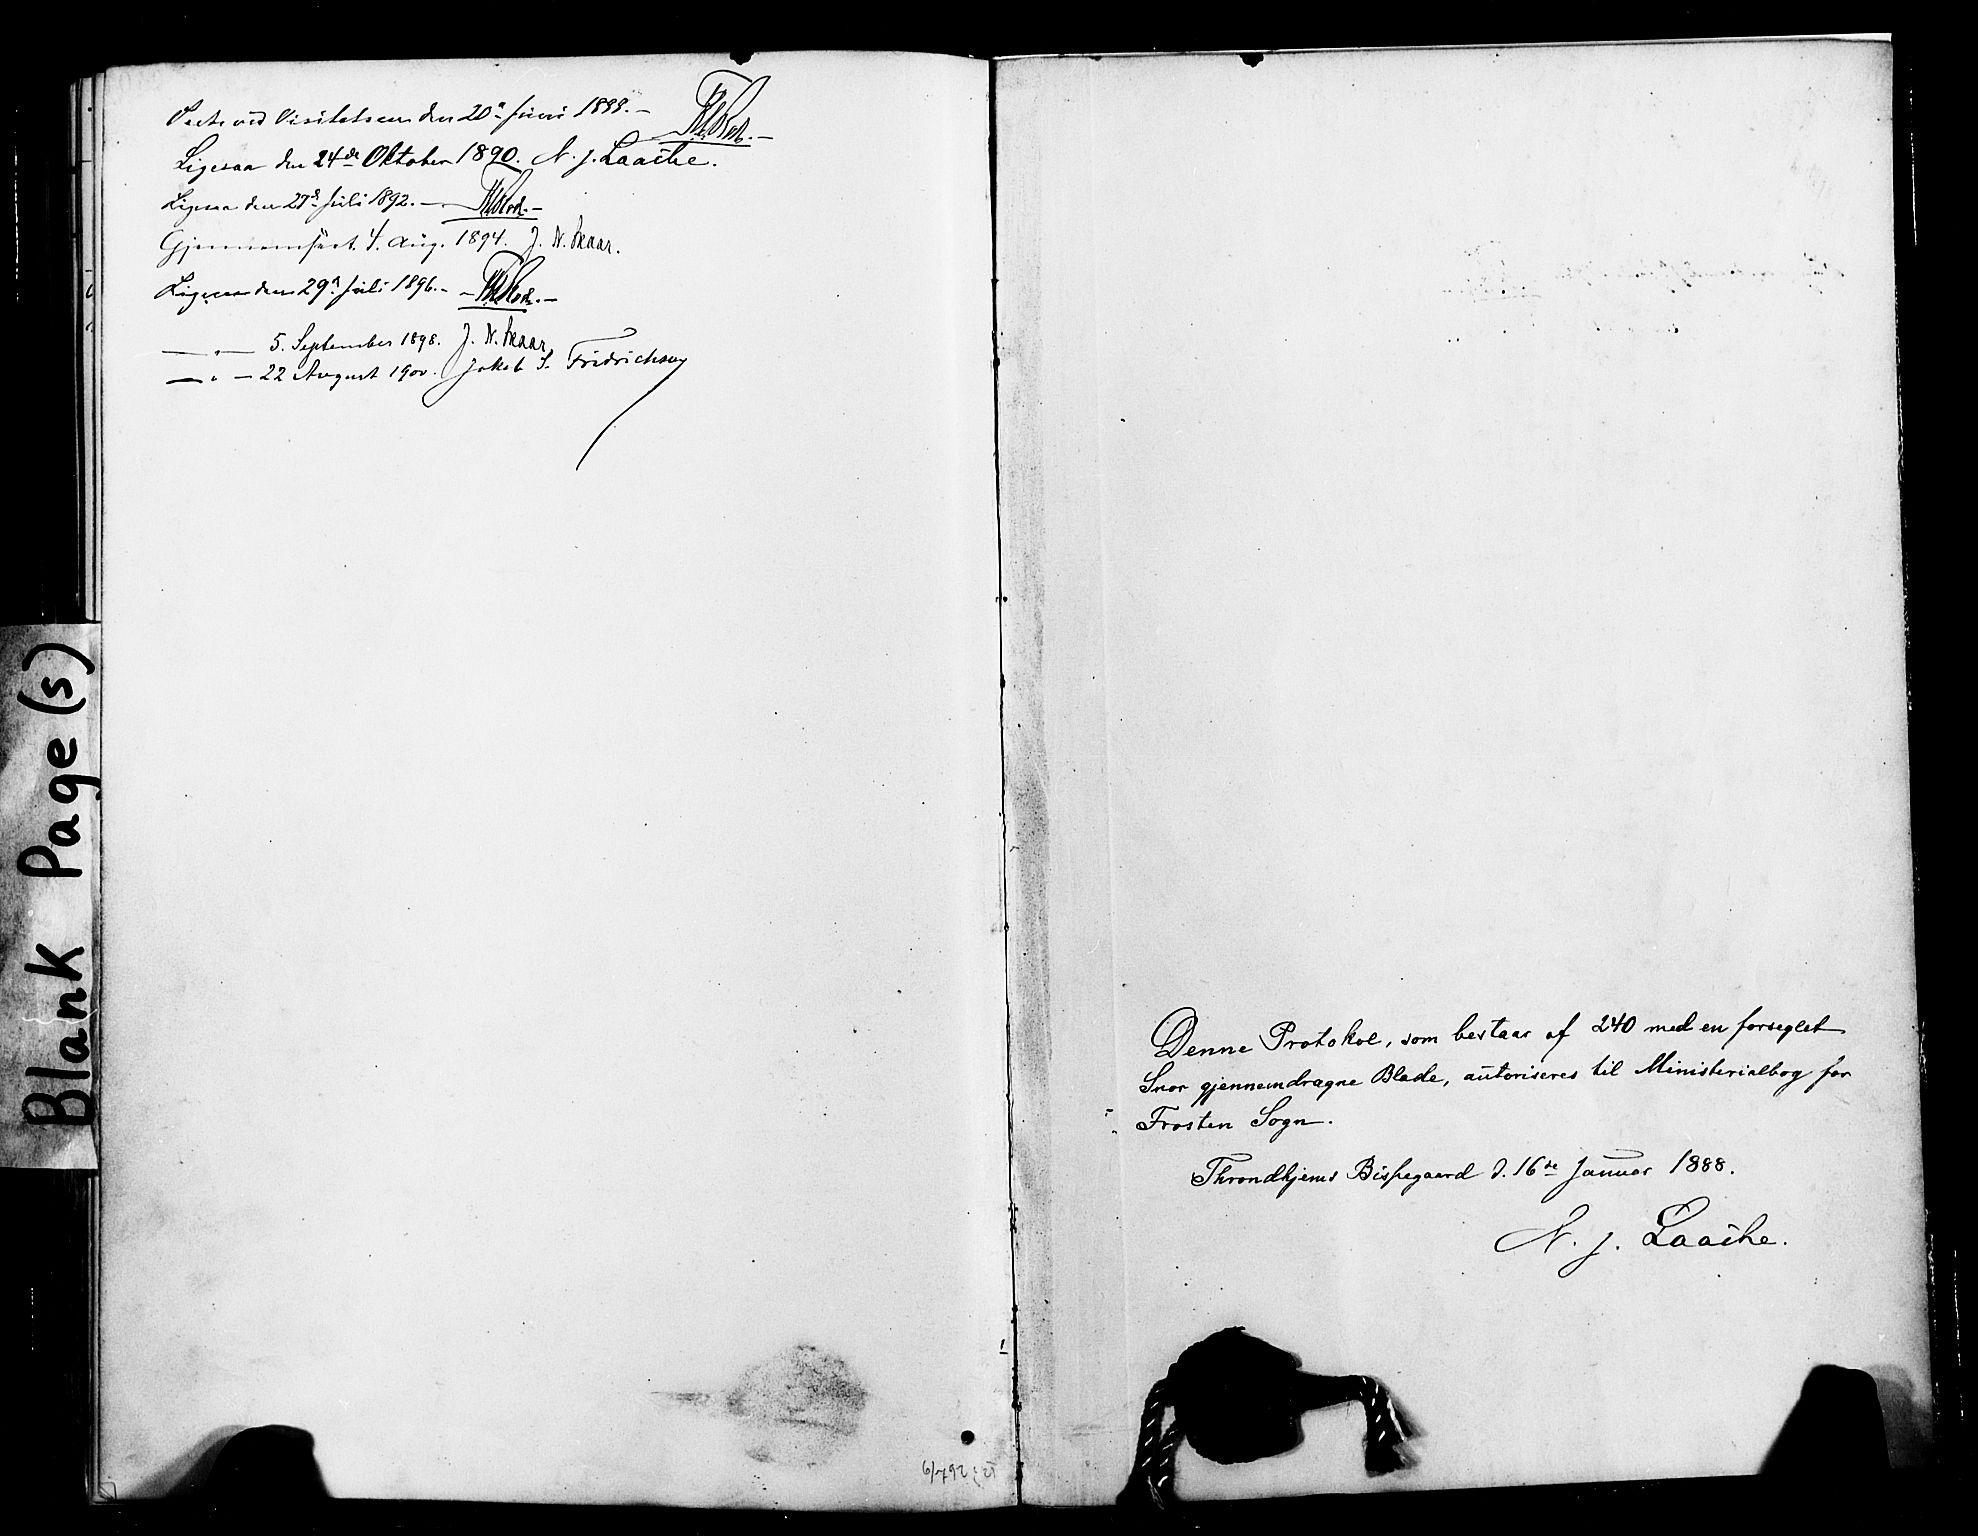 SAT, Ministerialprotokoller, klokkerbøker og fødselsregistre - Nord-Trøndelag, 713/L0121: Ministerialbok nr. 713A10, 1888-1898